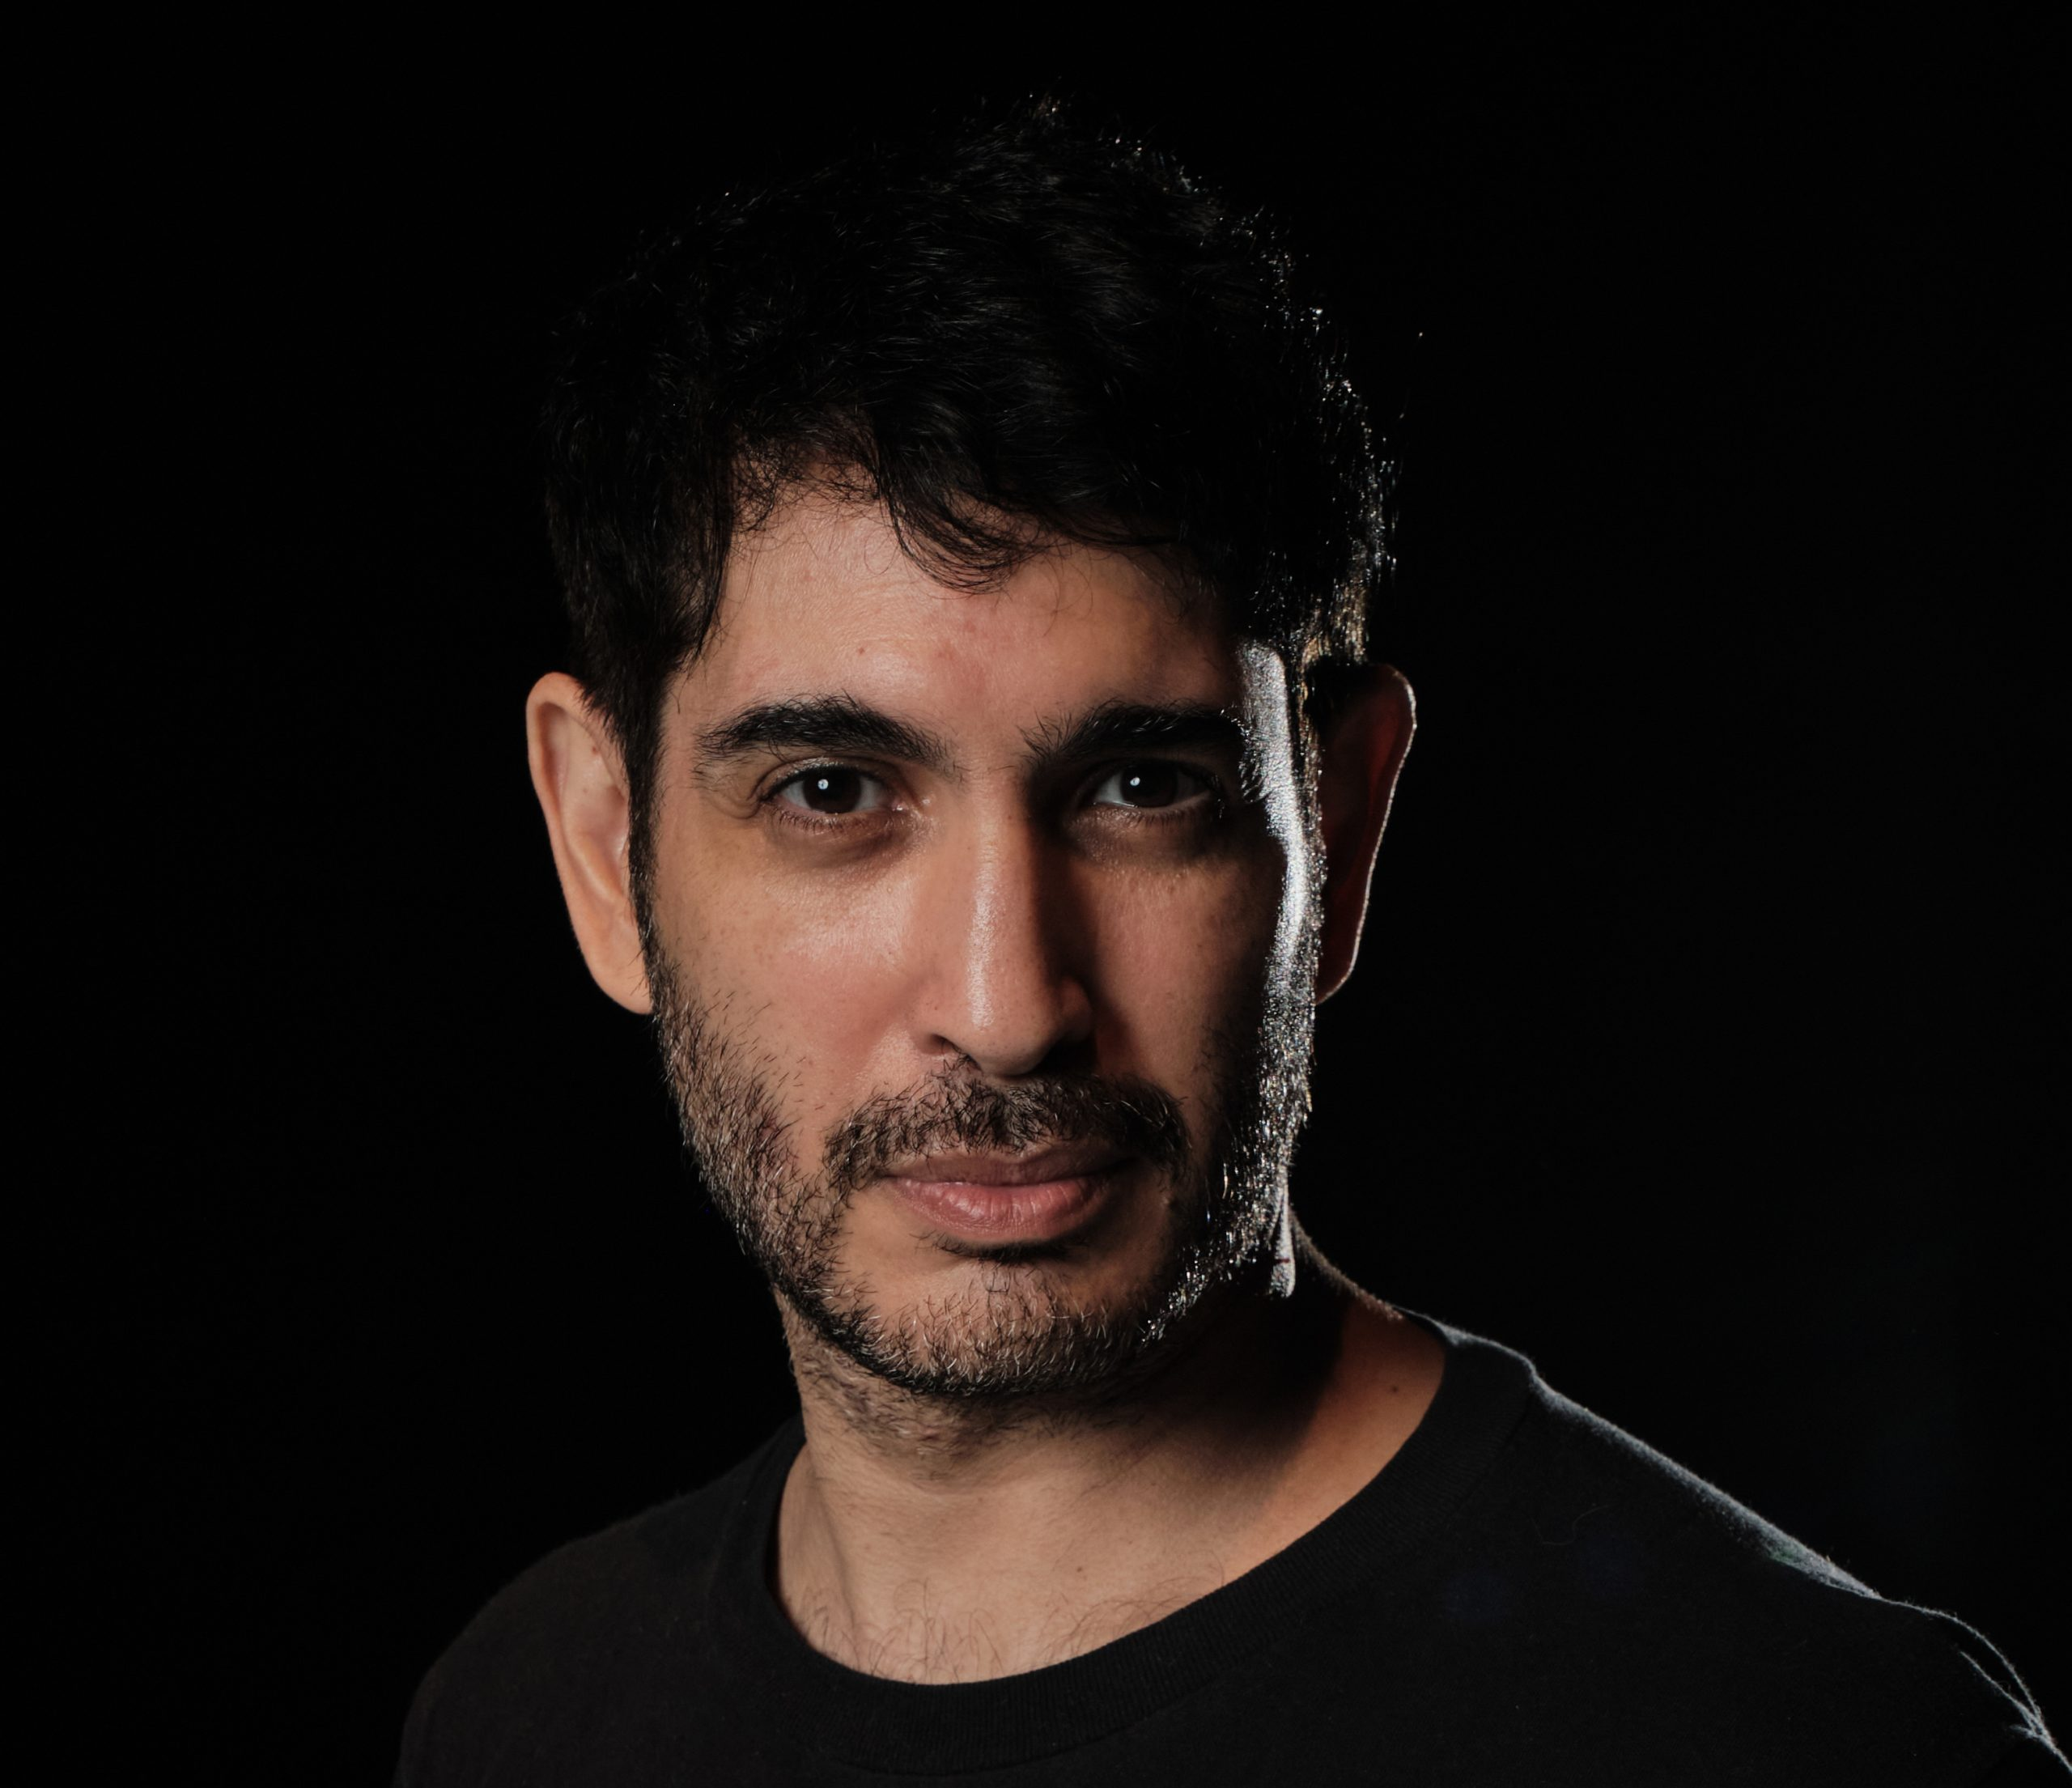 Diego Mongelós © Andrés Goiburú